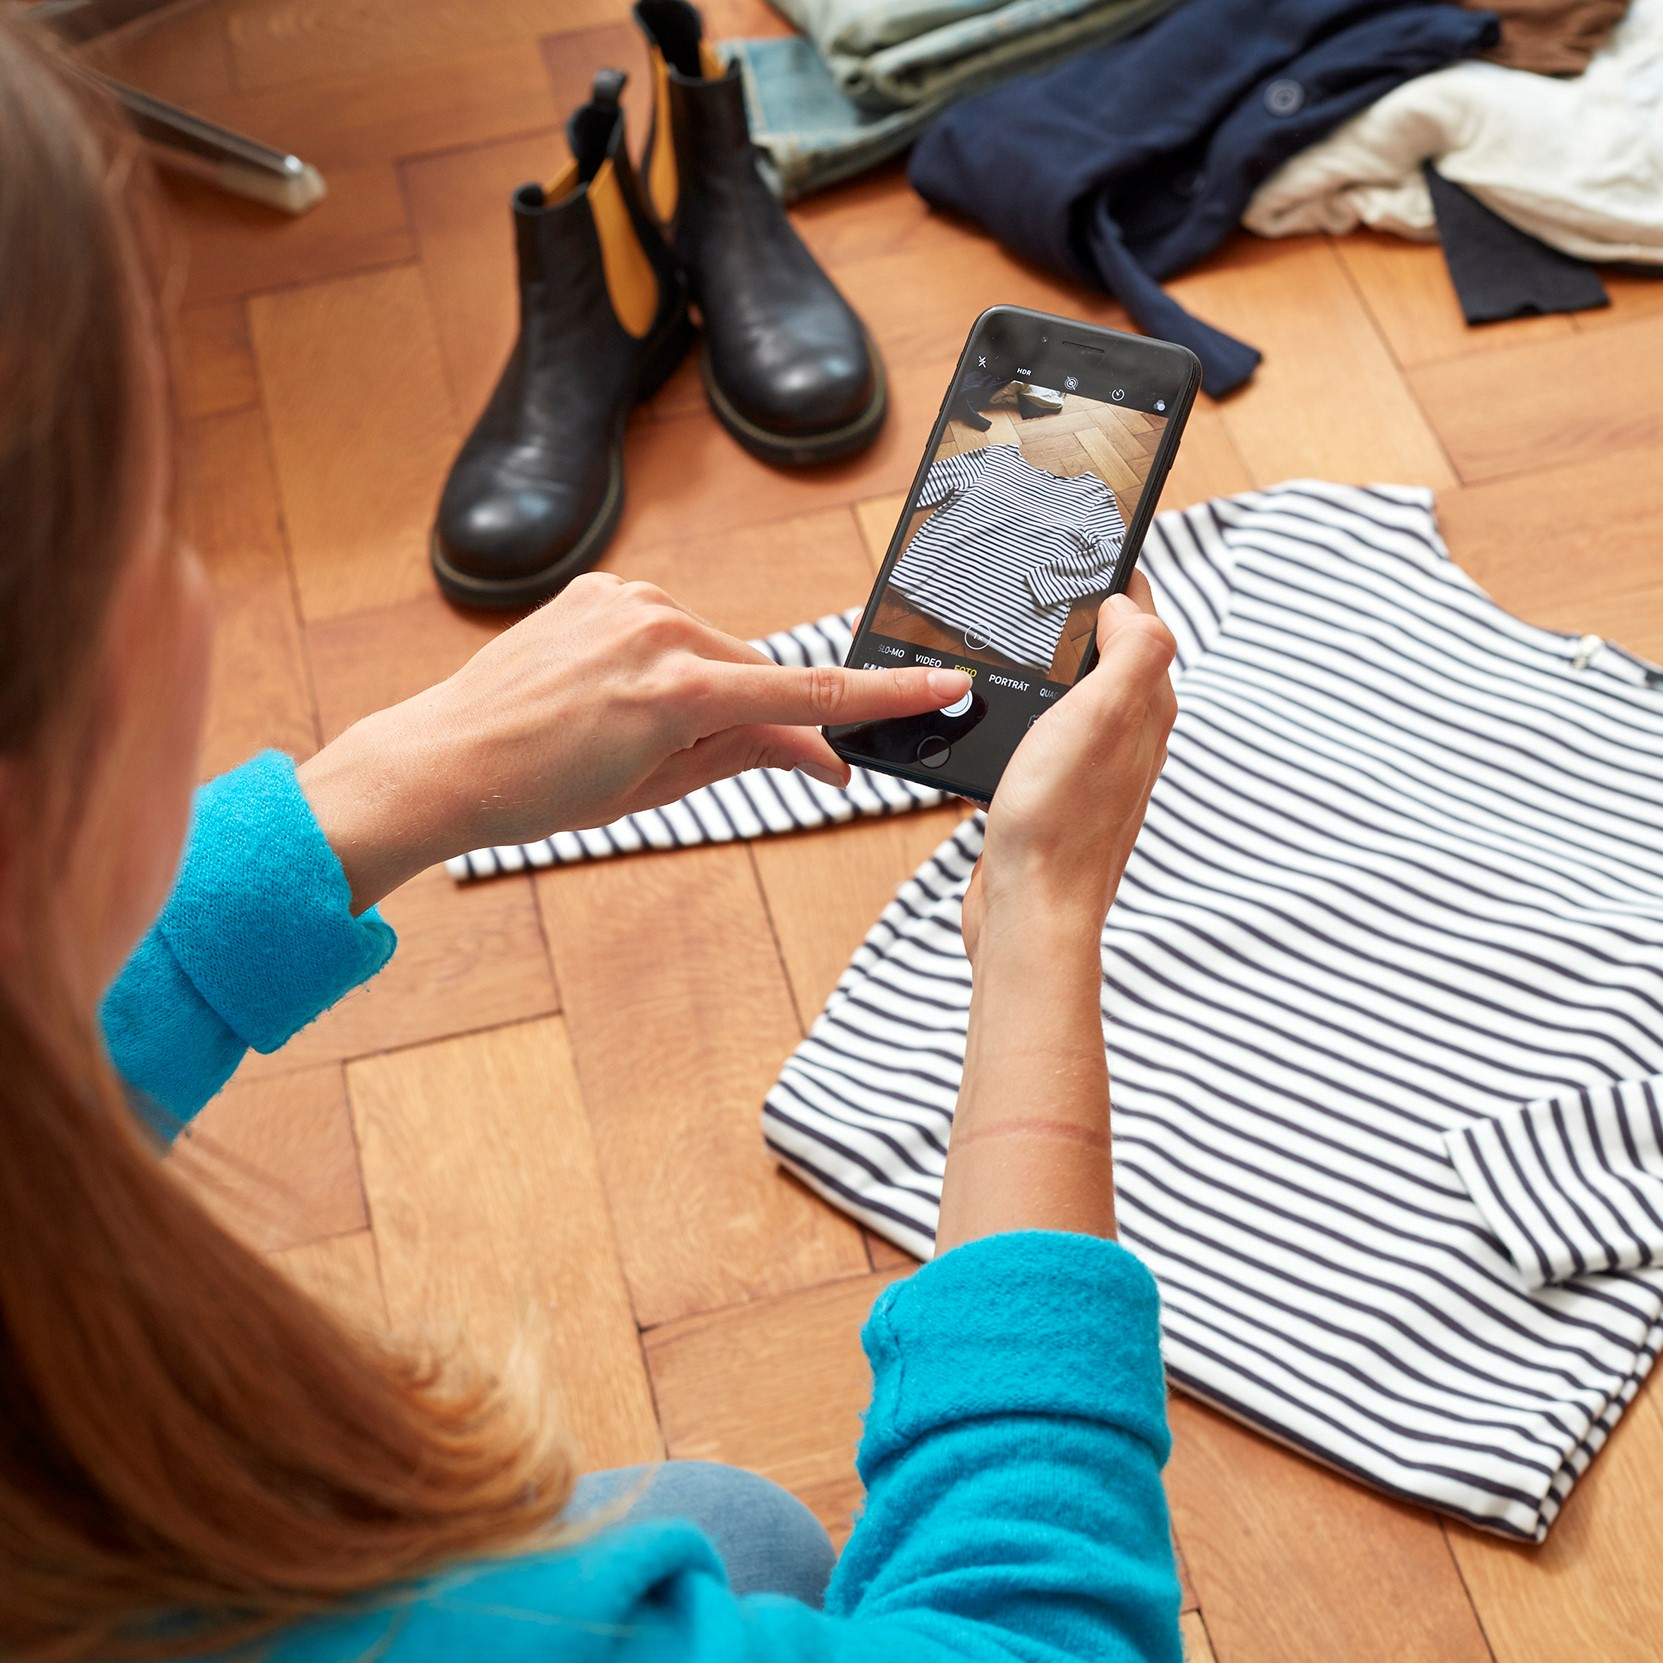 Woman uploading image of shirt onto Zalando Platform